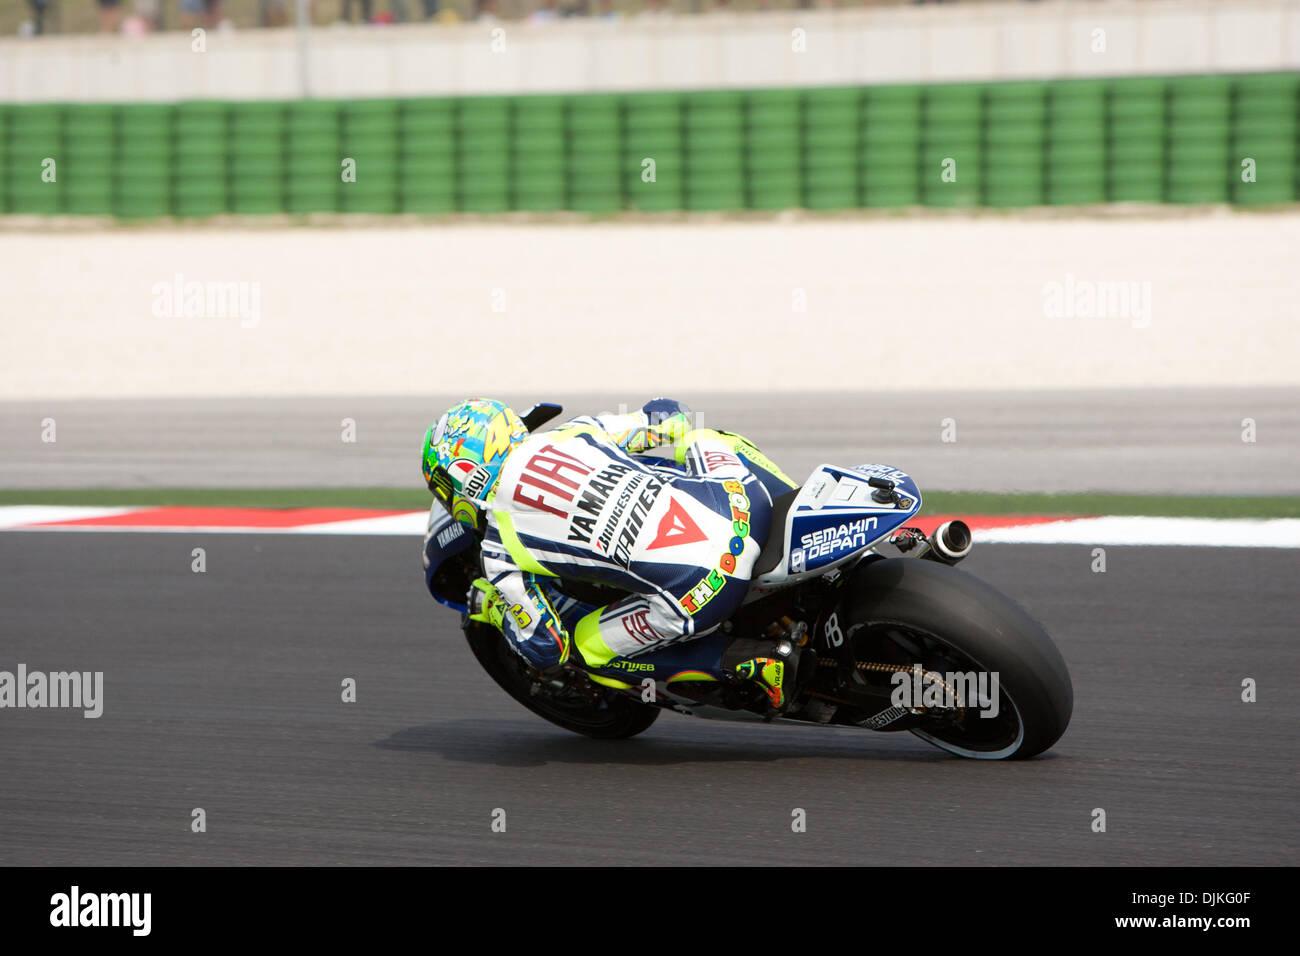 Sep. 05, 2010 - Misano Adriatico, Italy - FIAT Yamaha rider Valentino Rossi (ITA #46)  during the San Marino GP in Misano Adriatico, Italy. (Credit Image: © Andrea Ranalli/Southcreek Global/ZUMApress.com) - Stock Image